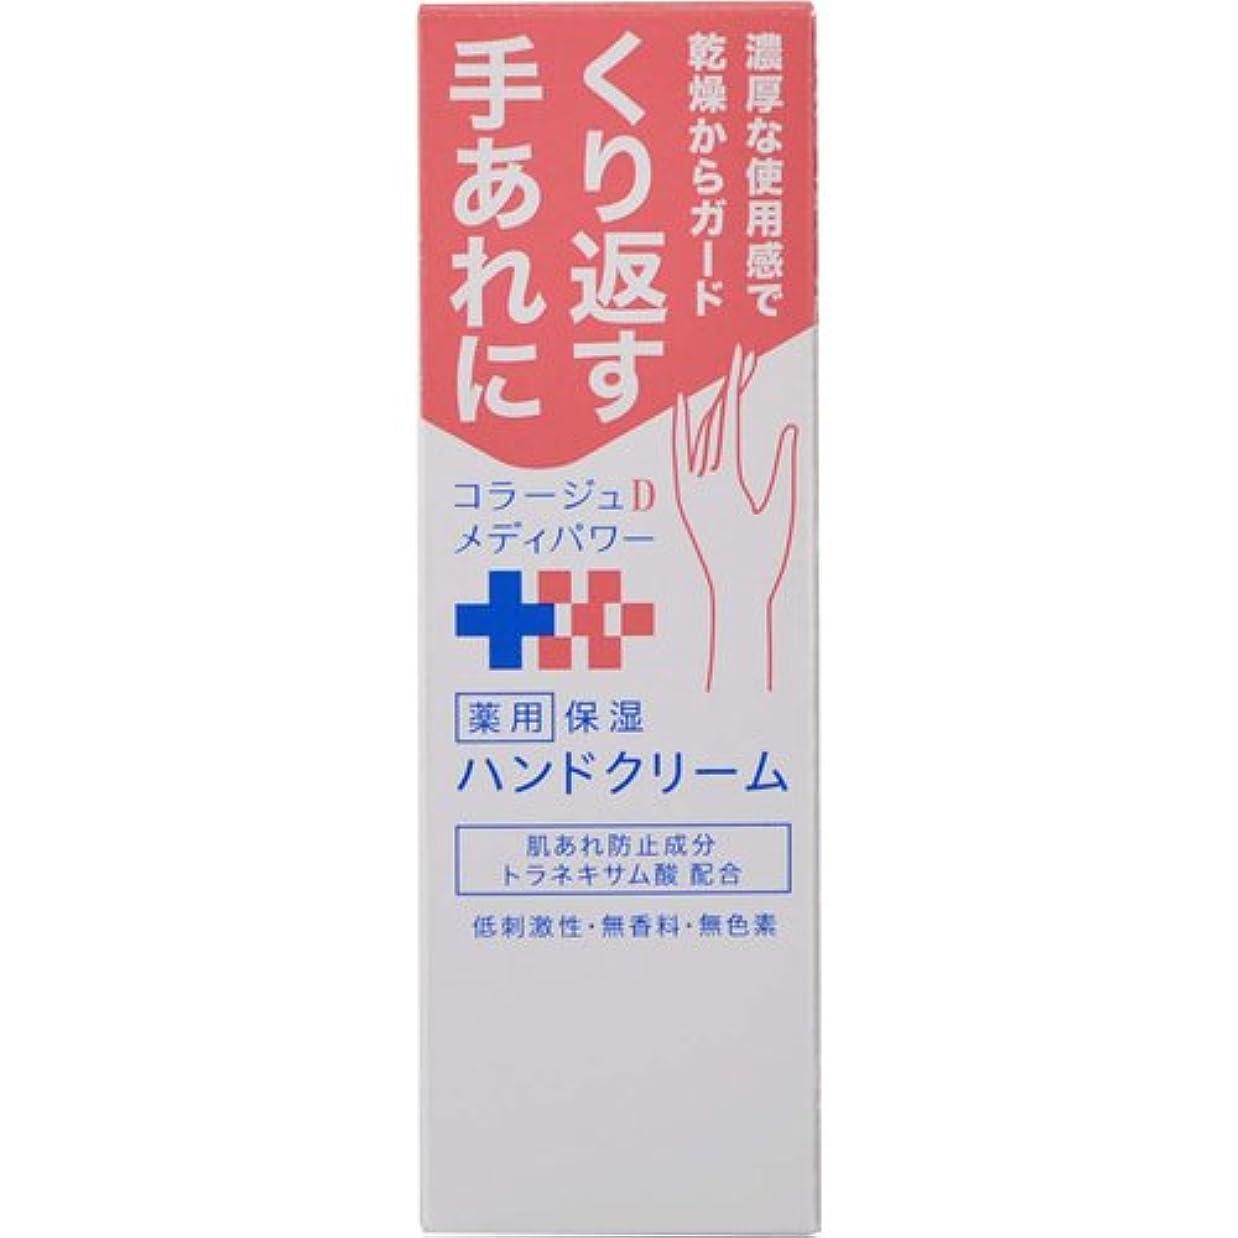 シェトランド諸島分離する価格コラージュ D メディパワー 保湿ハンドクリーム 30g 【医薬部外品】